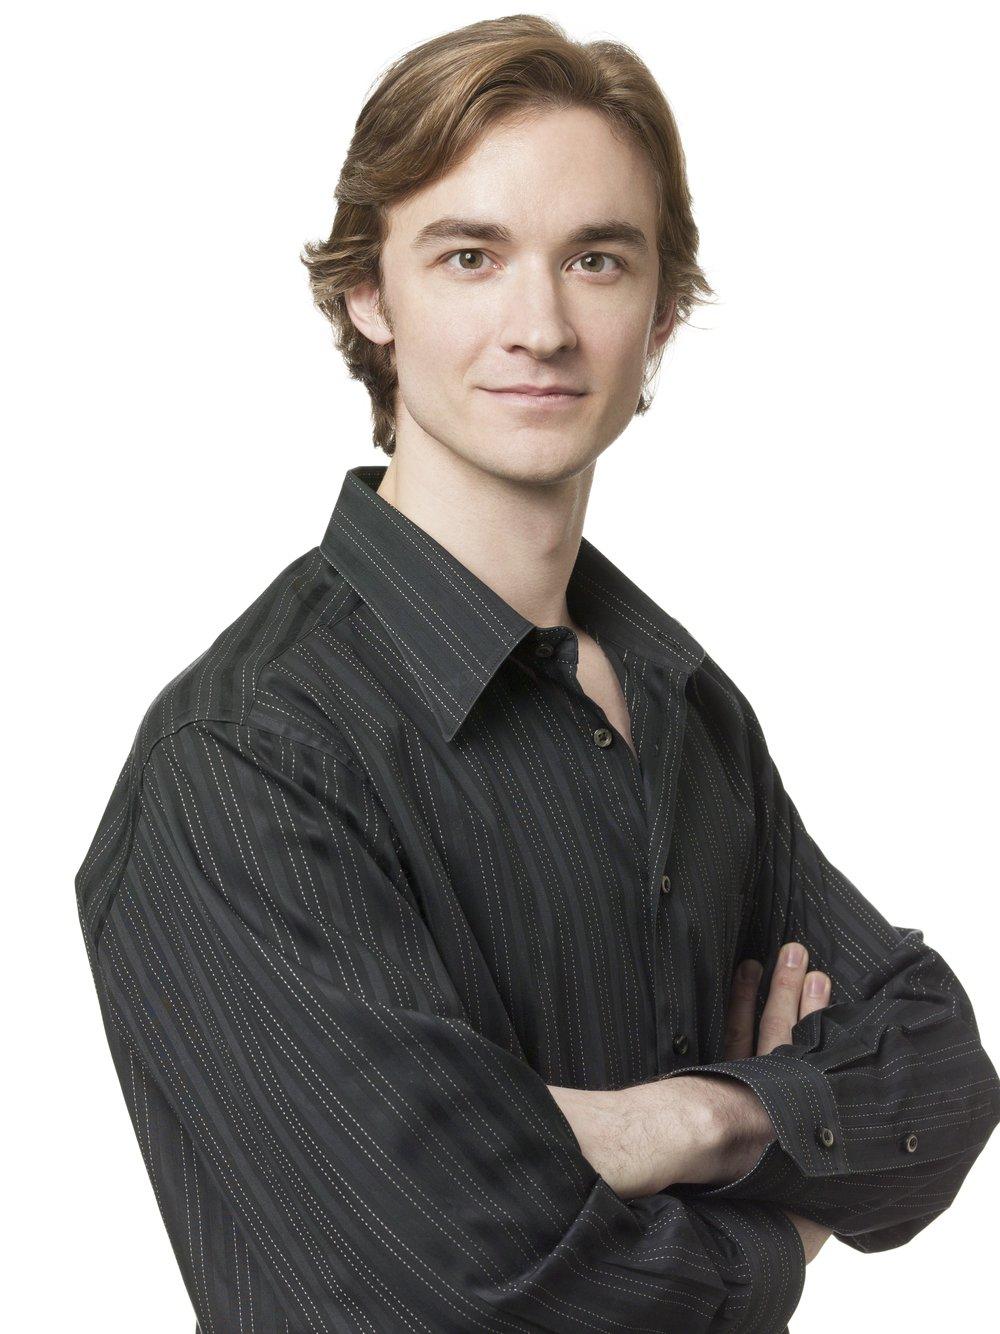 Jared Matthews, principal dancer of Houston Ballet